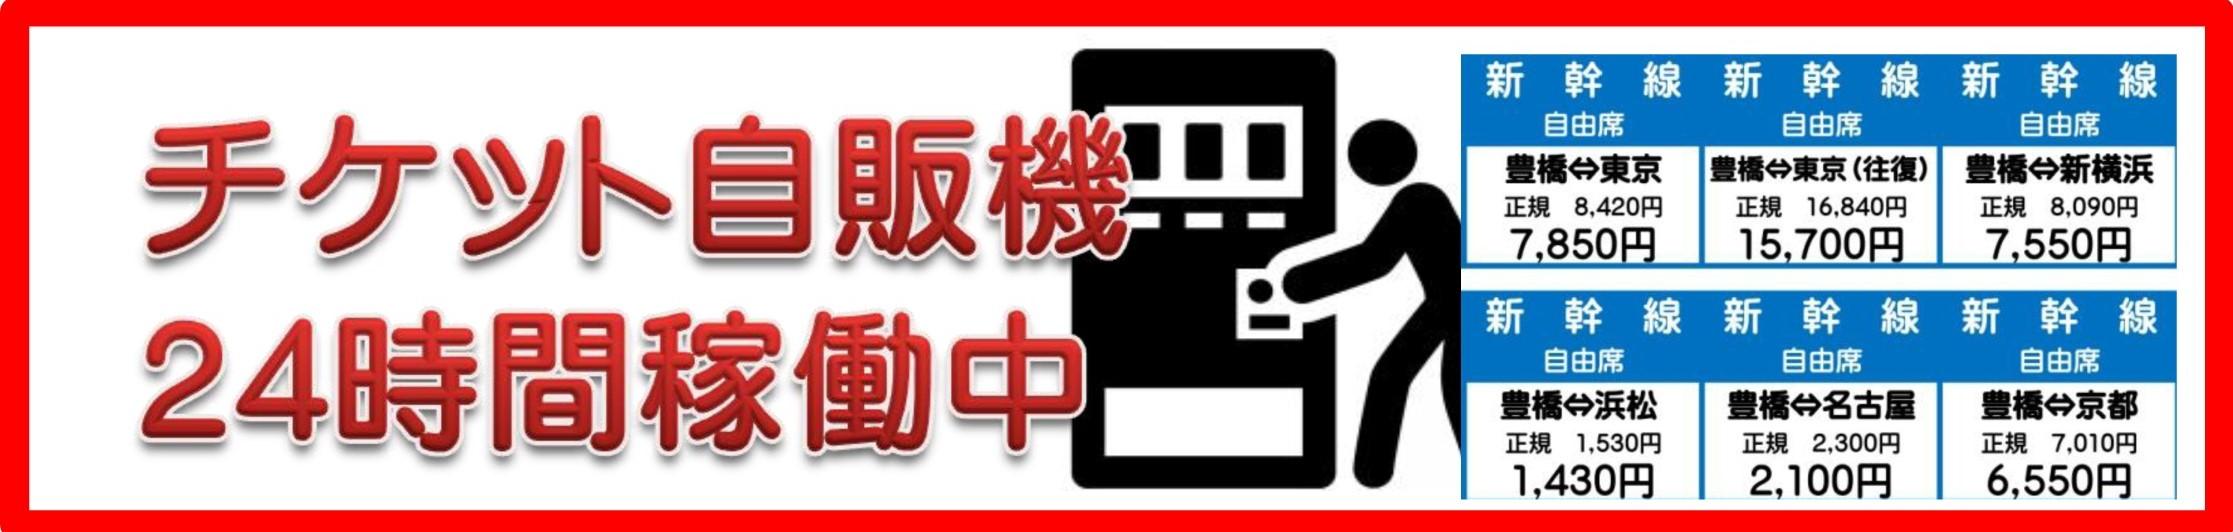 豊橋金券ショップフリーチケット|チケット自販機